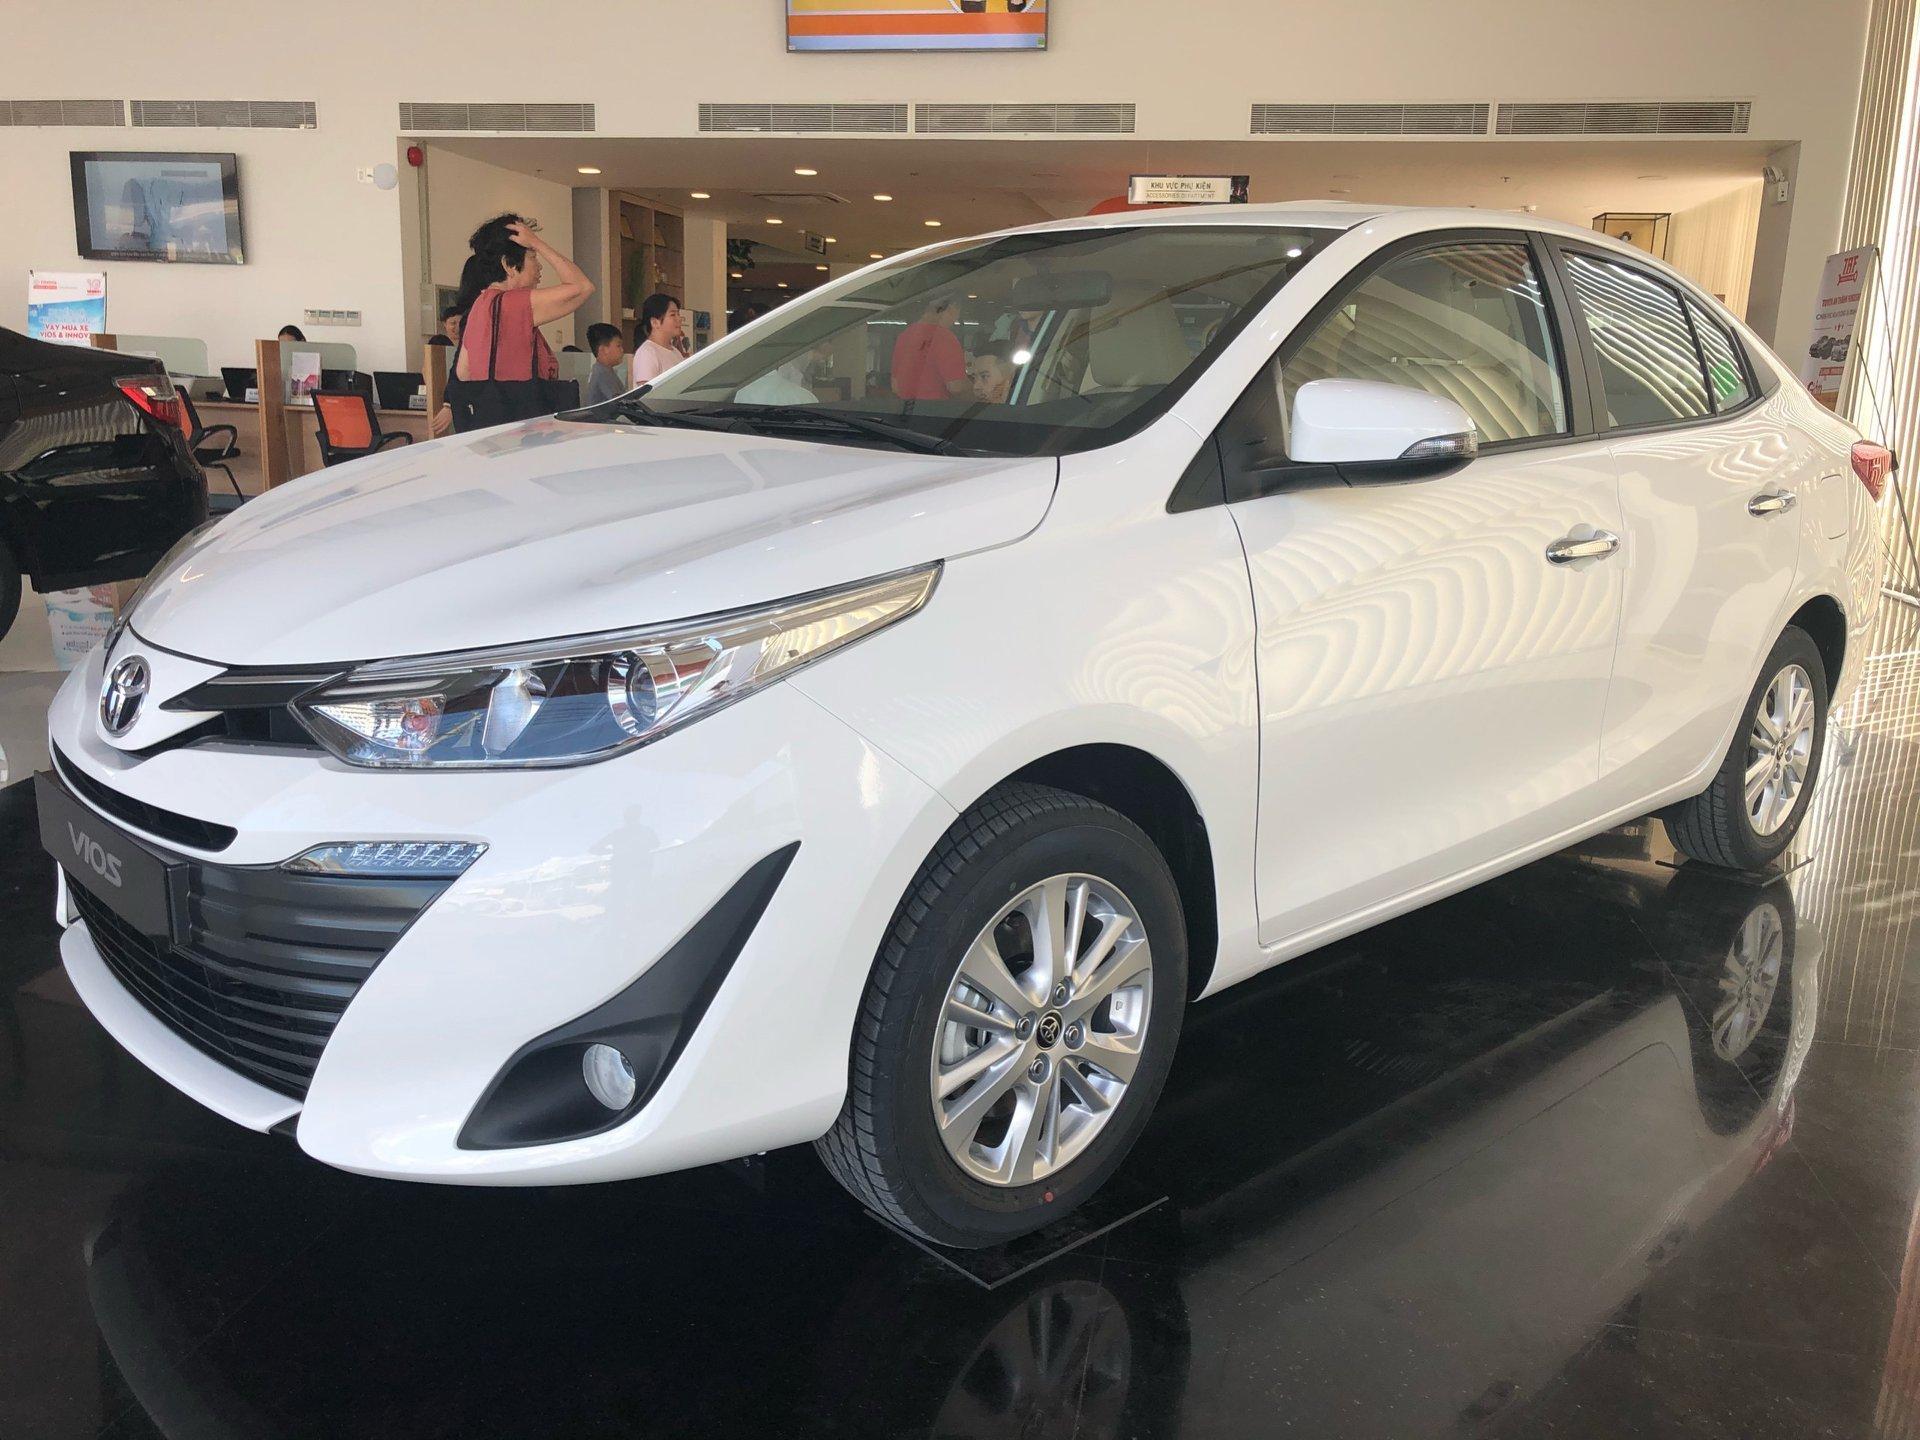 giá ô tô 2019,Vinfast,Lux SA 2.0,Lux A 2.0,Honda CR-V,Toyota Vios,Toyota